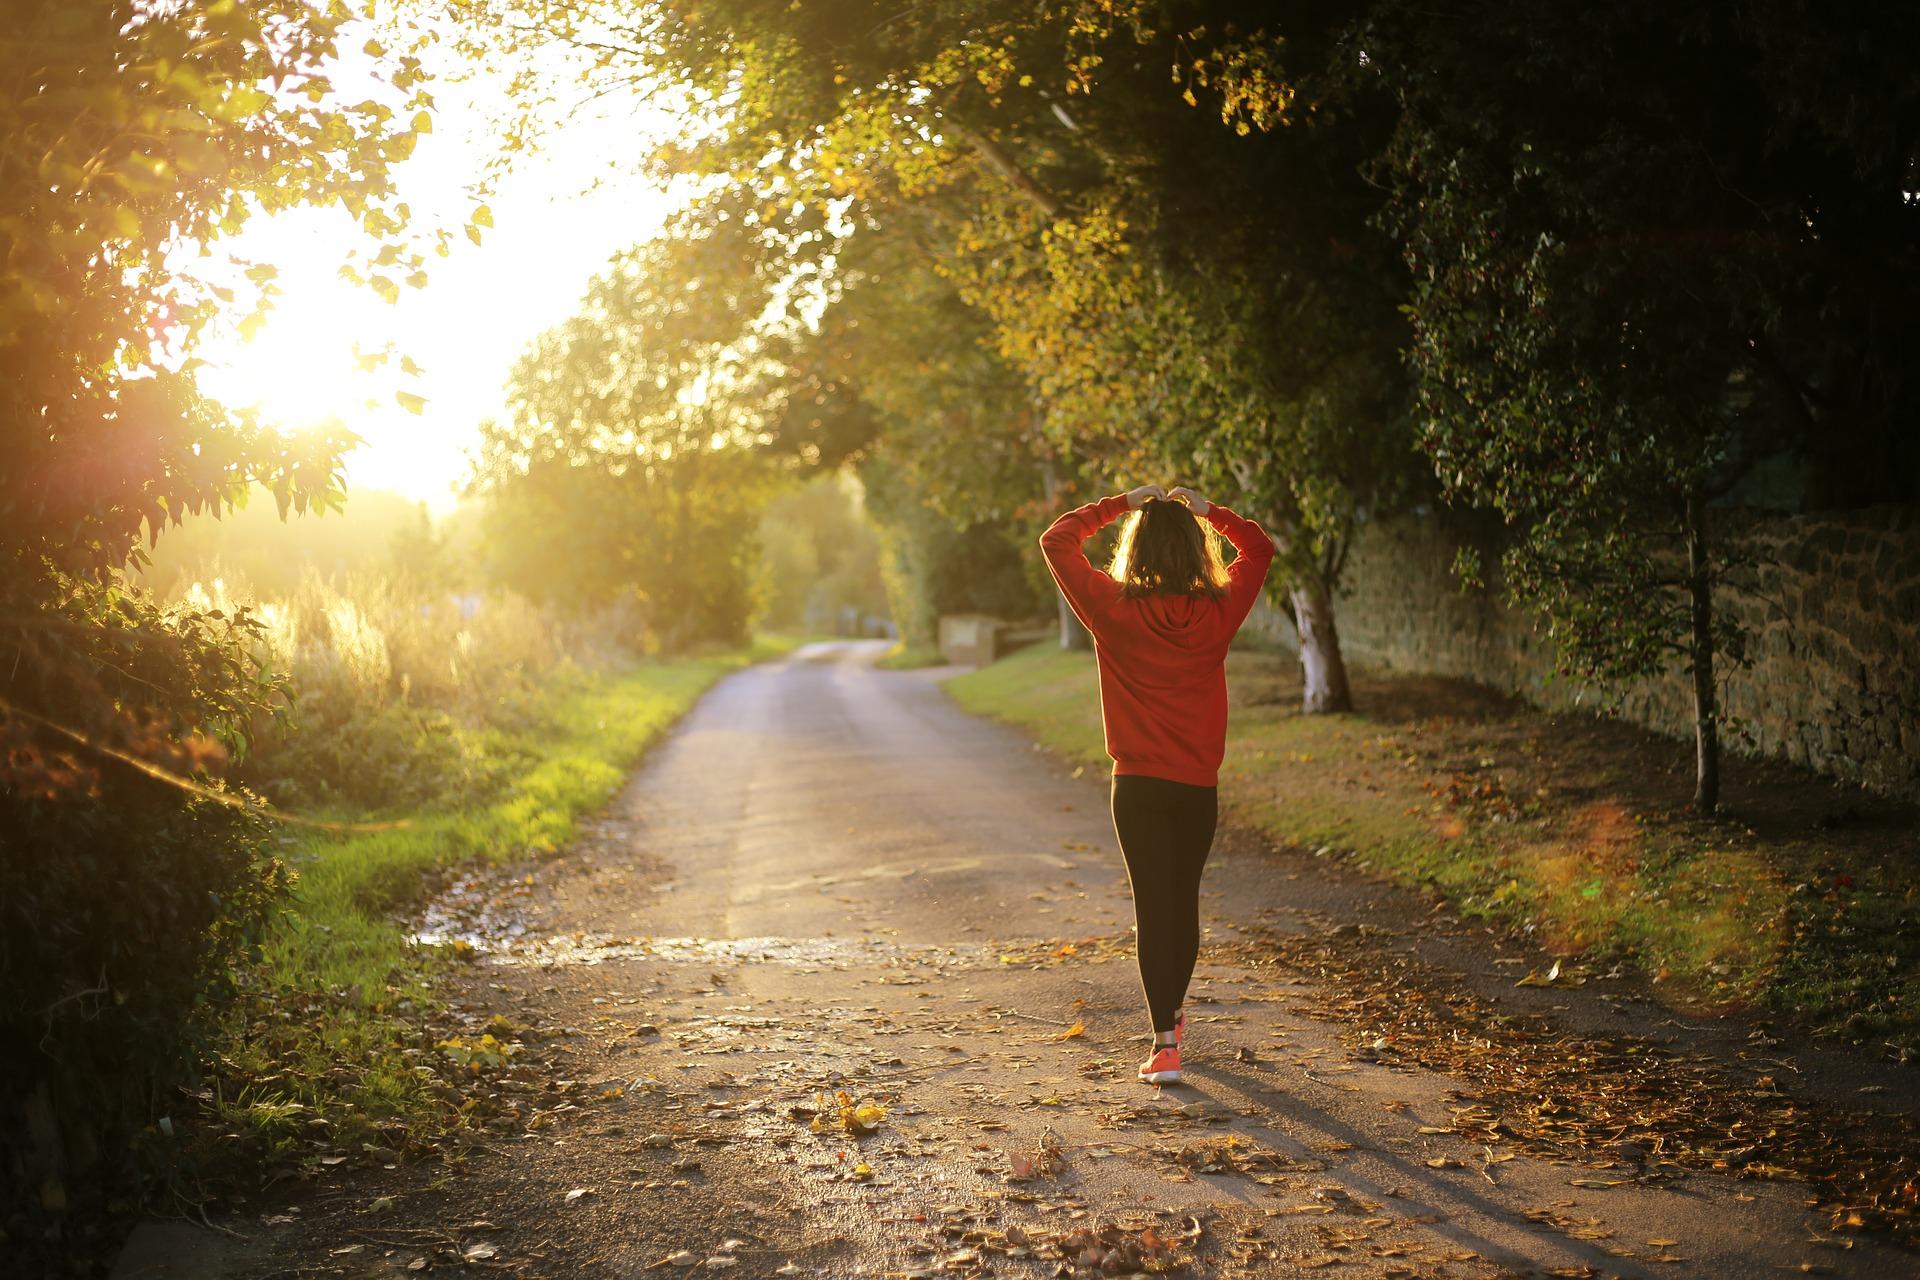 Jutarnje vježbanje i kratke šetnje tijekom dana smanjuju povišeni krvni tlak